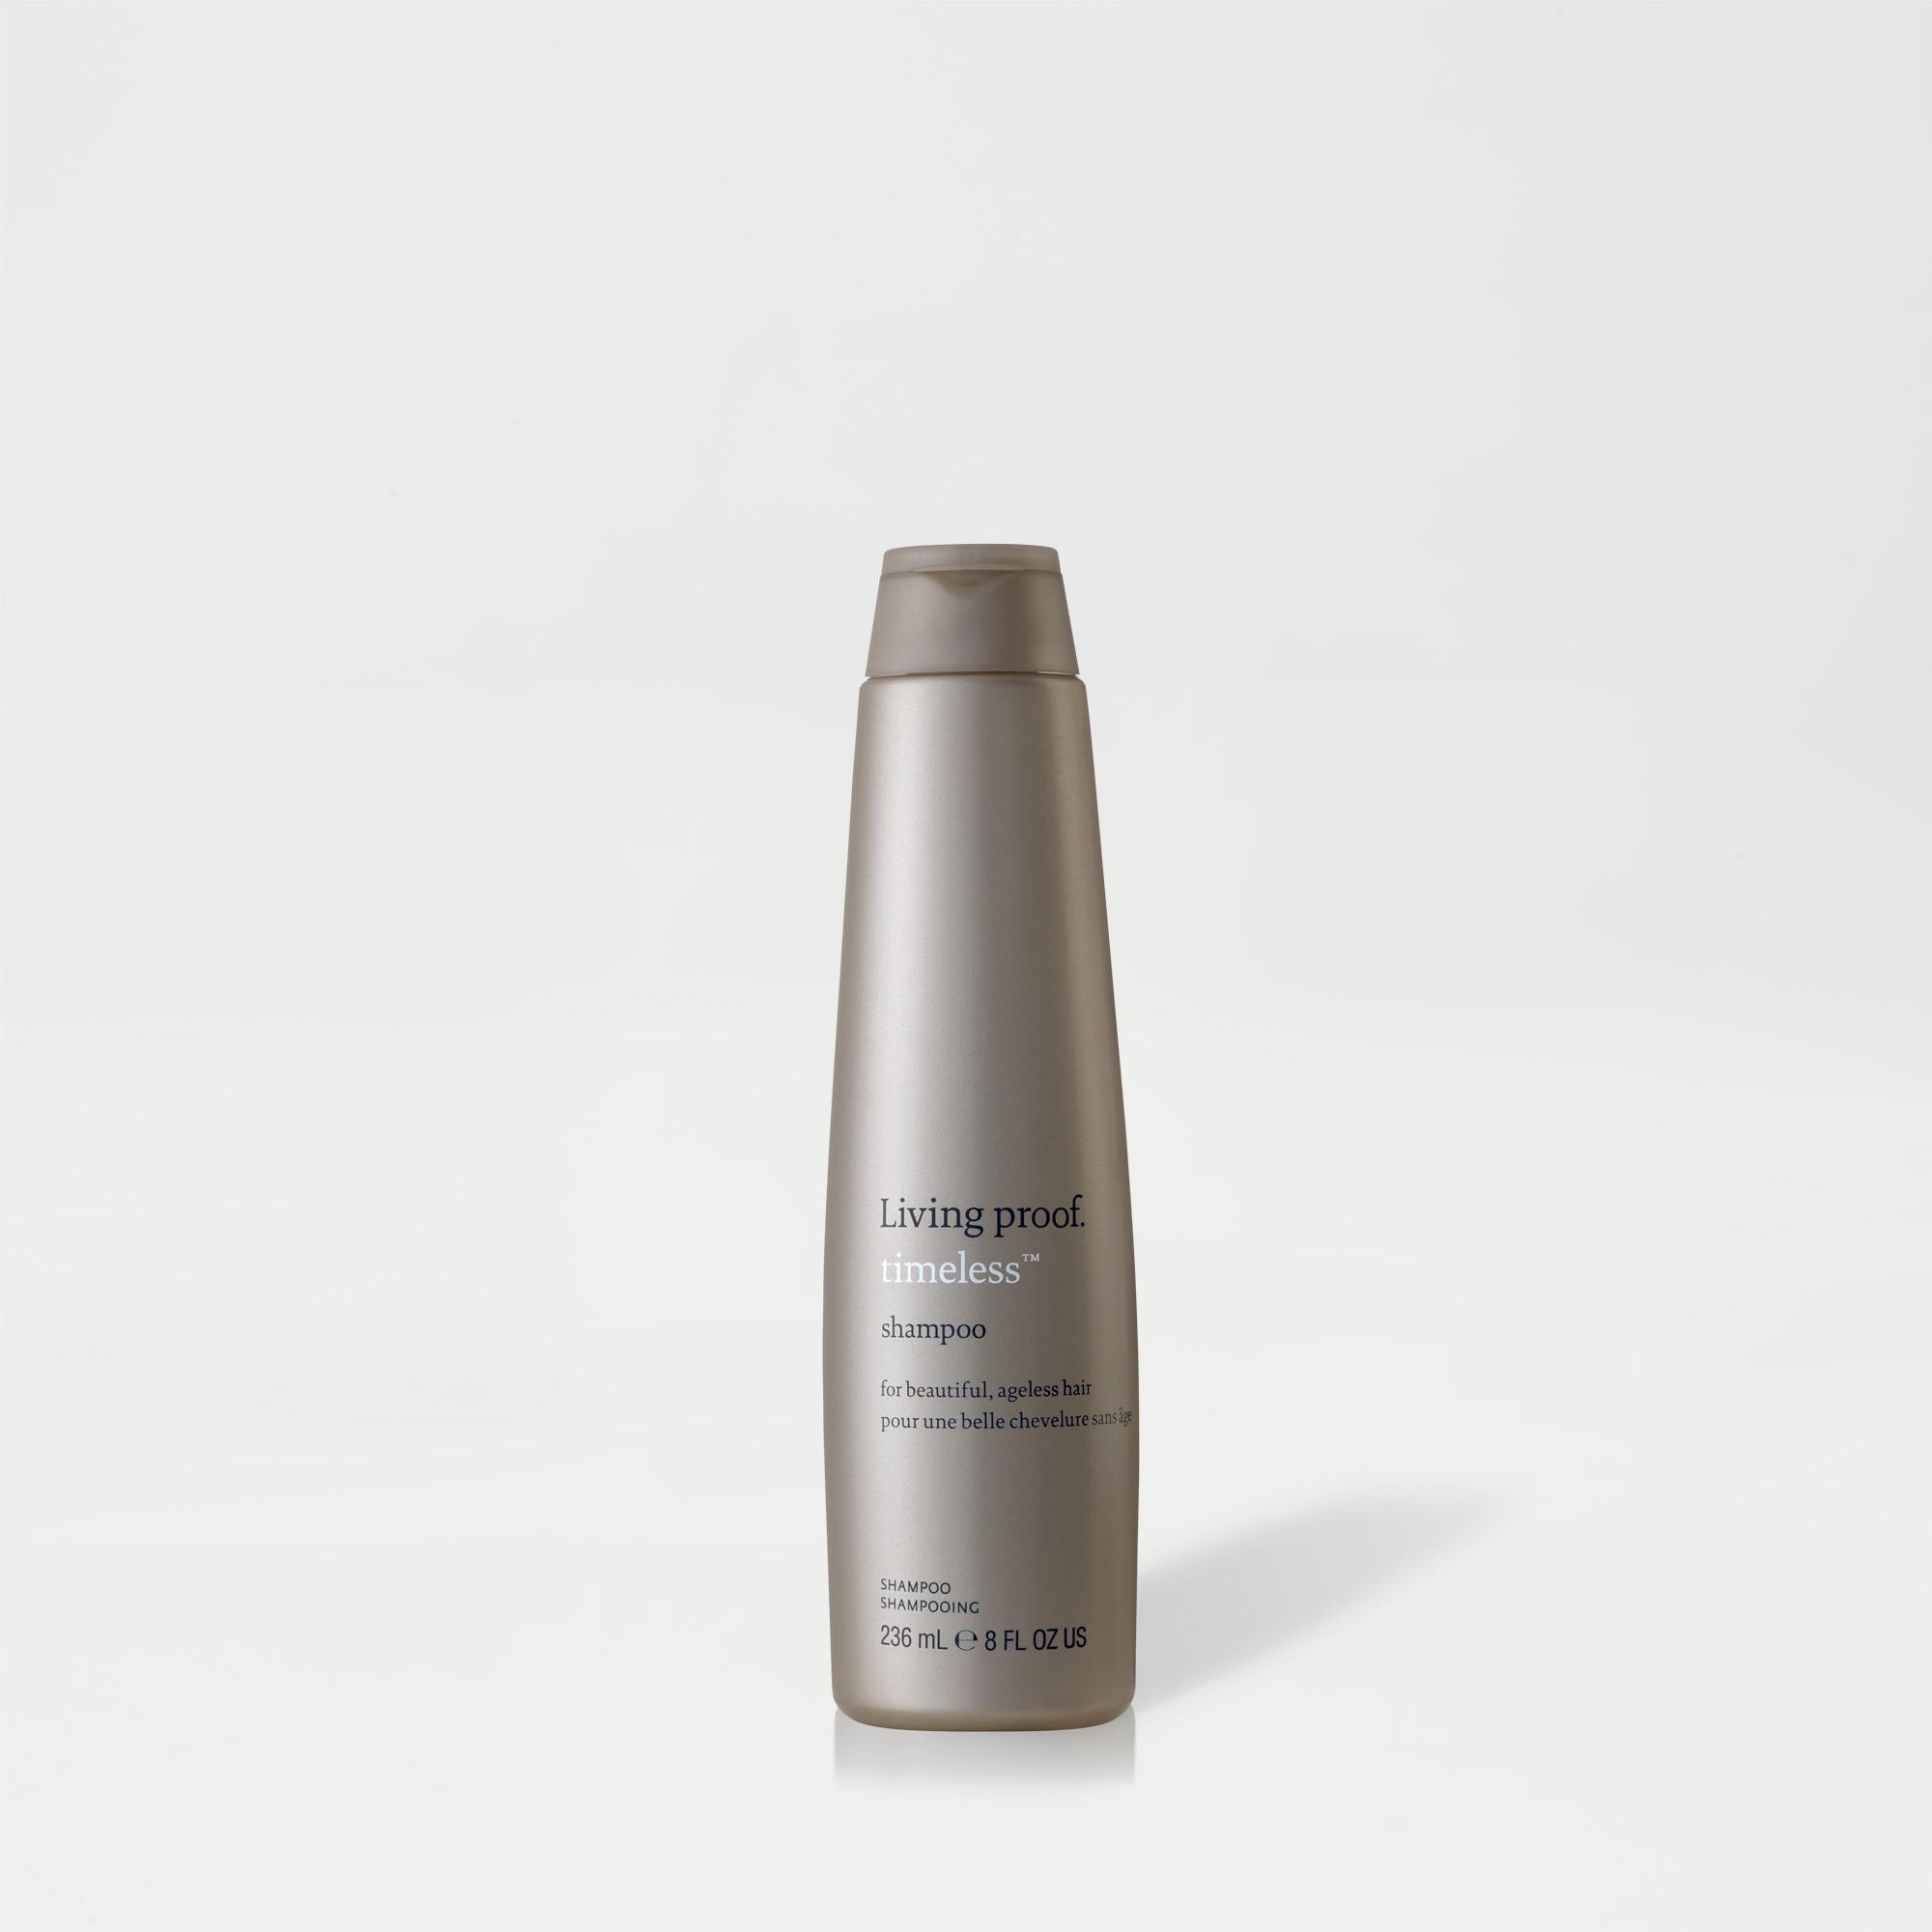 Timeless Shampoo